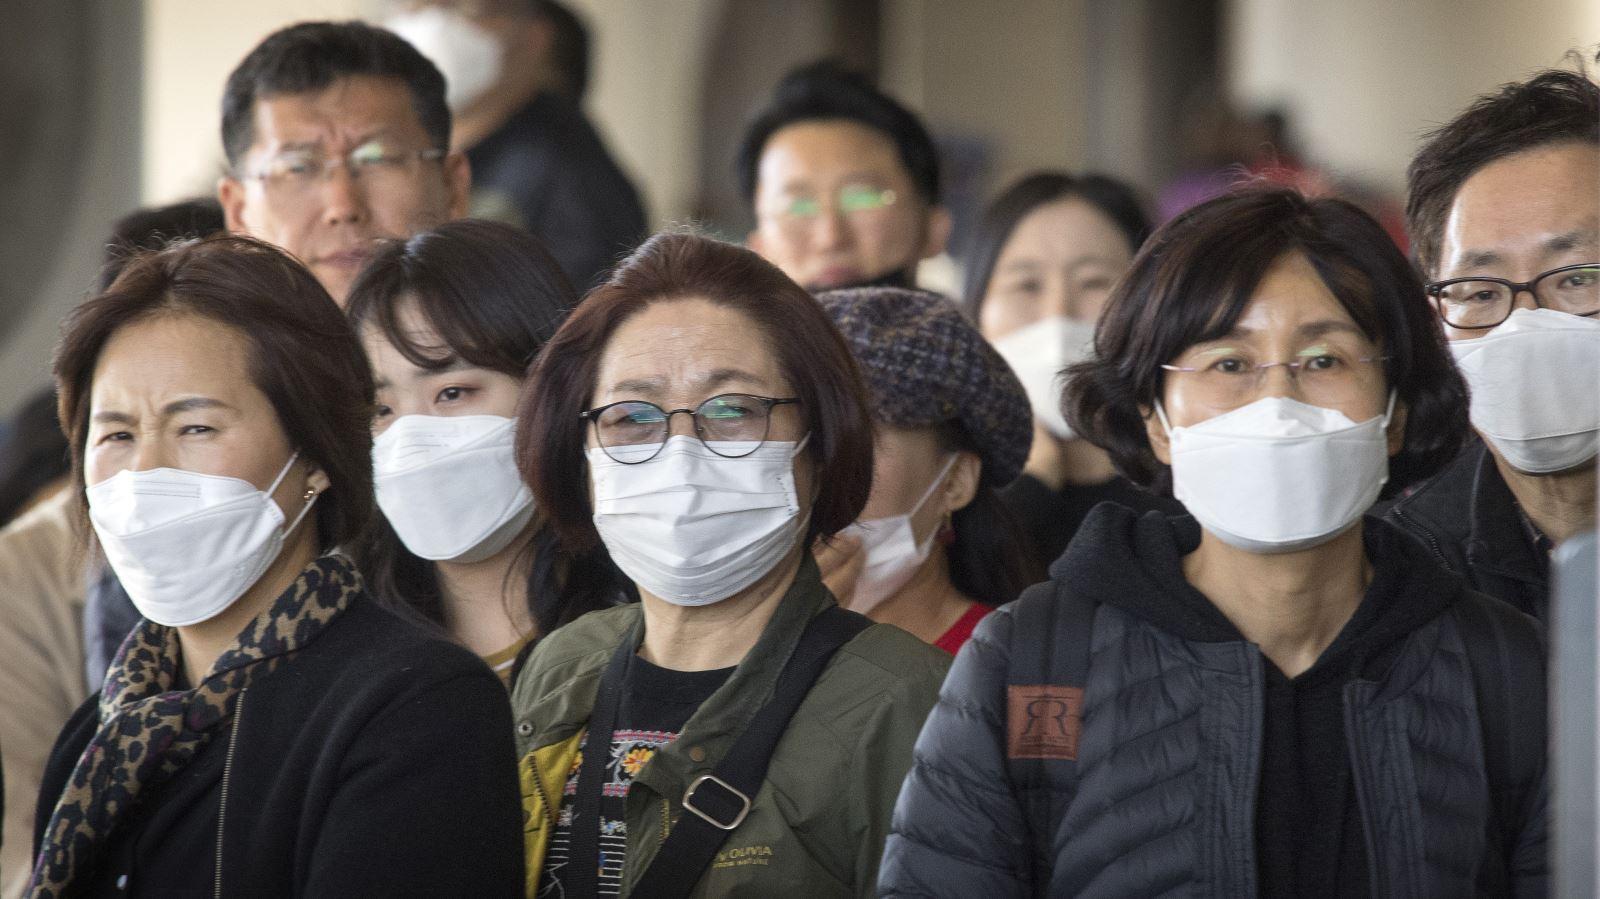 Thông tin mới nhất về dịch bệnh do virus corona đến 16h ngày 2/2/2020: 14.556 người mắc, 305 người tử vong